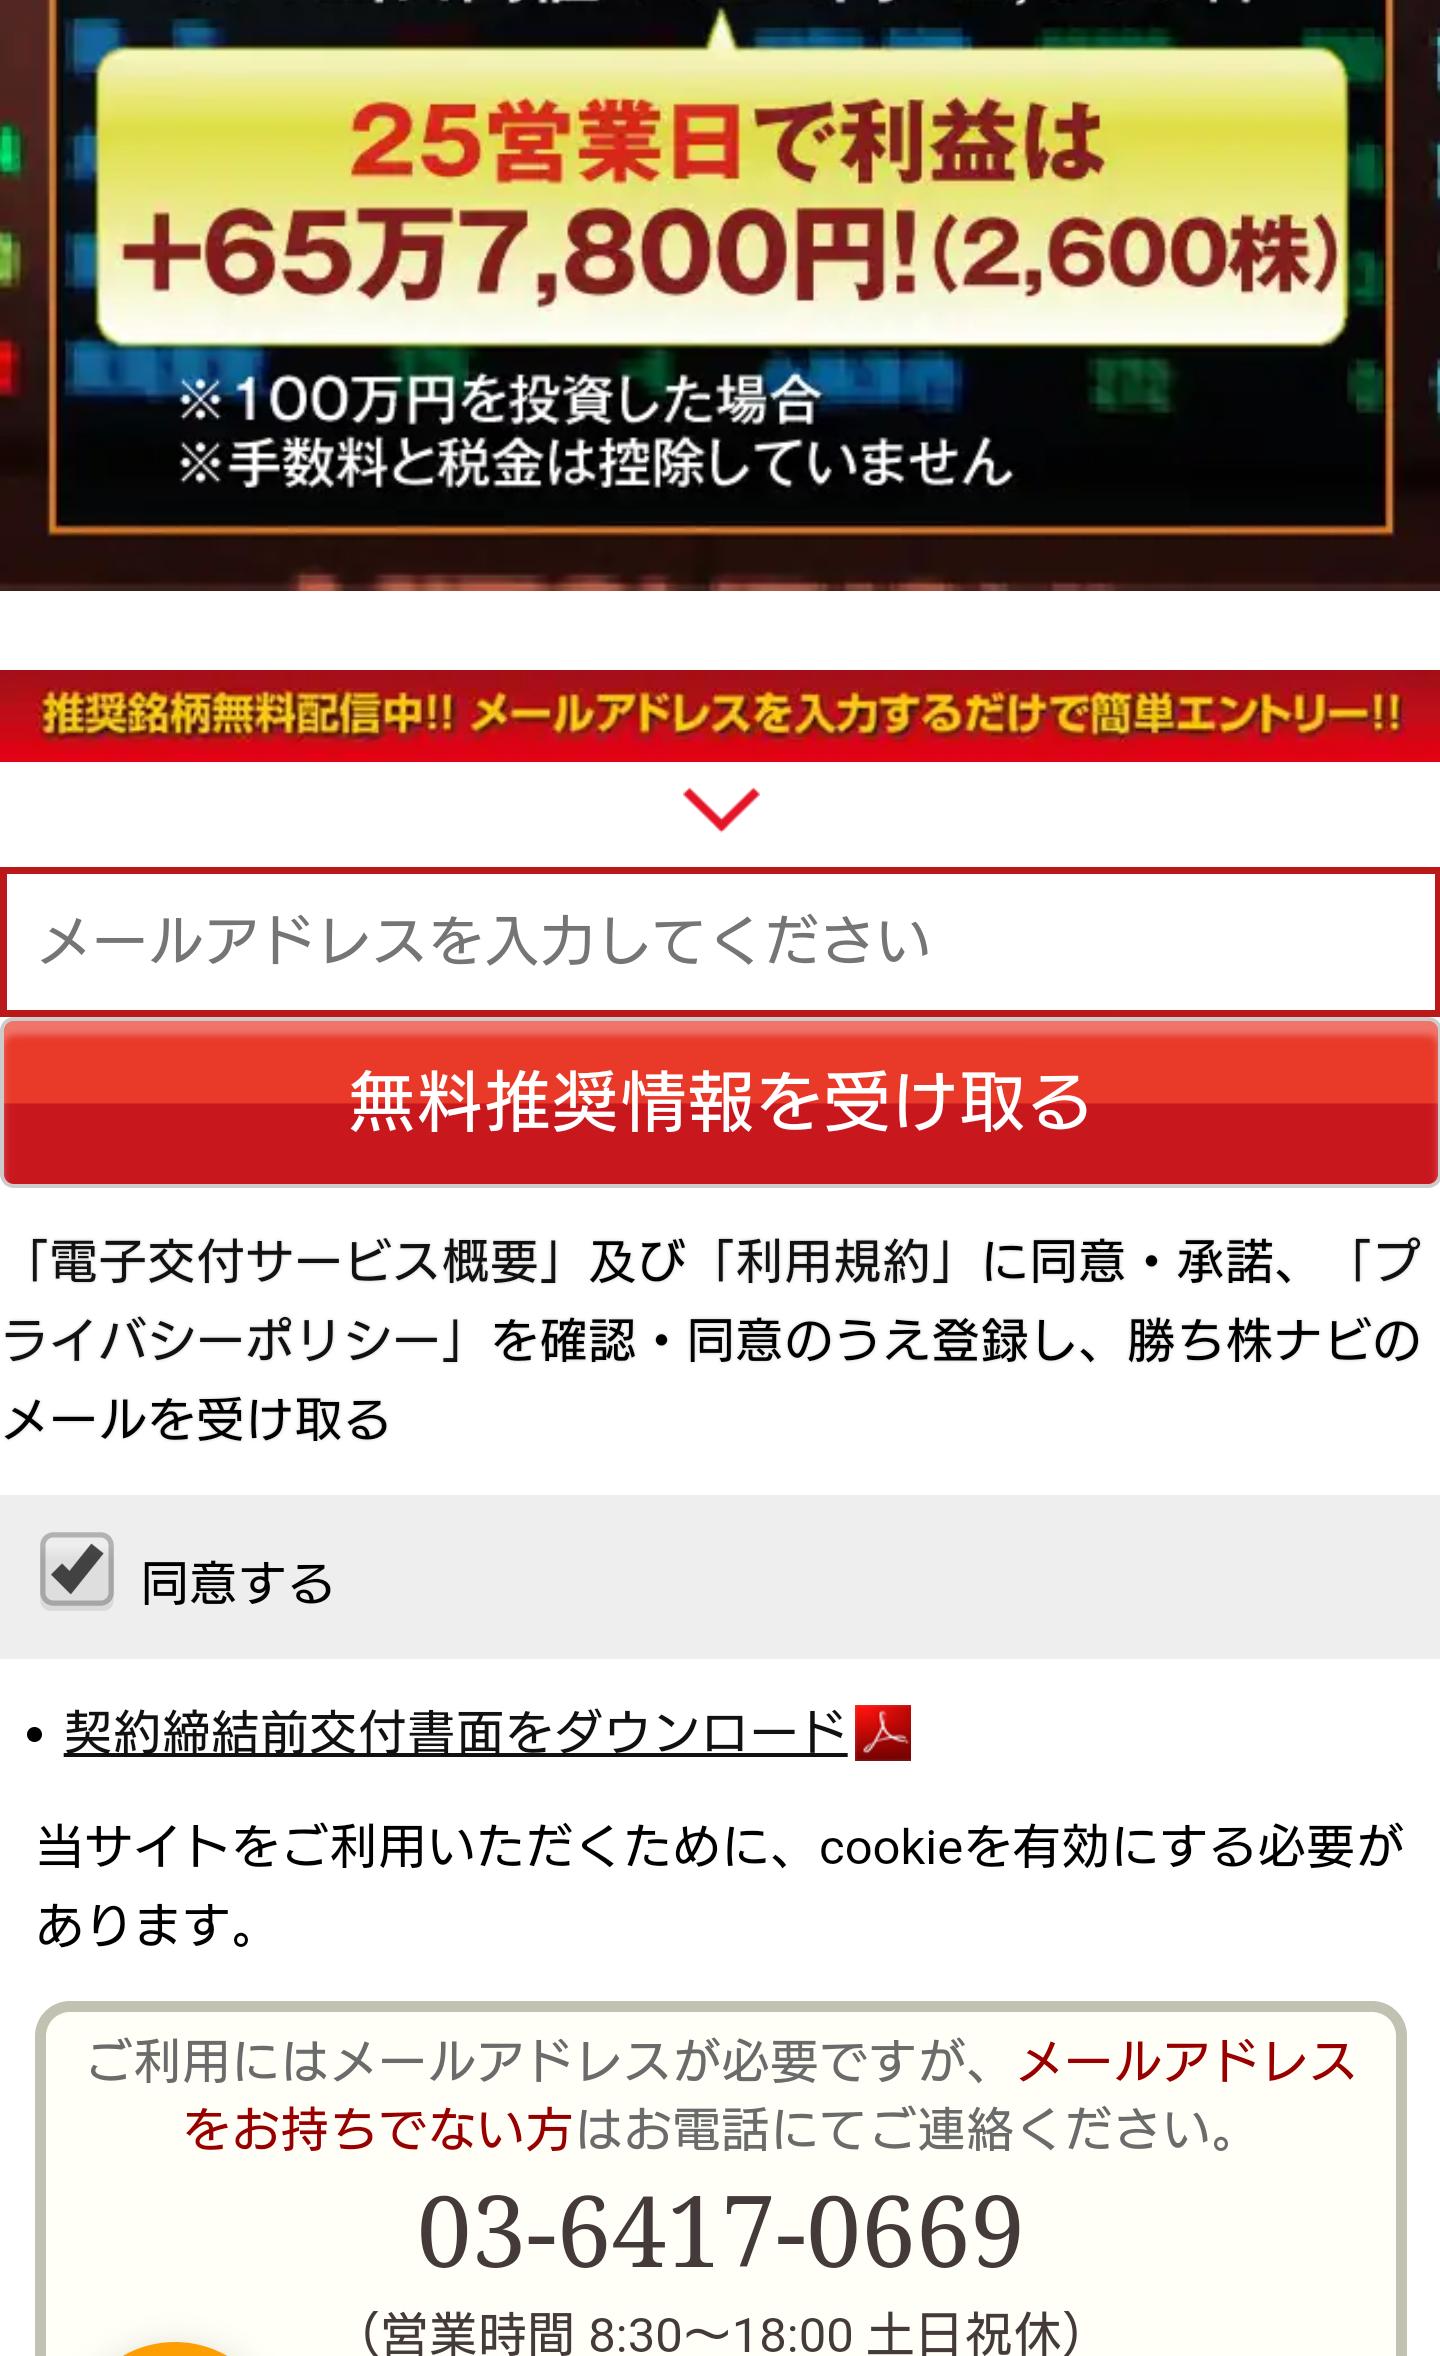 勝ち株ナビ 無料会員登録方法